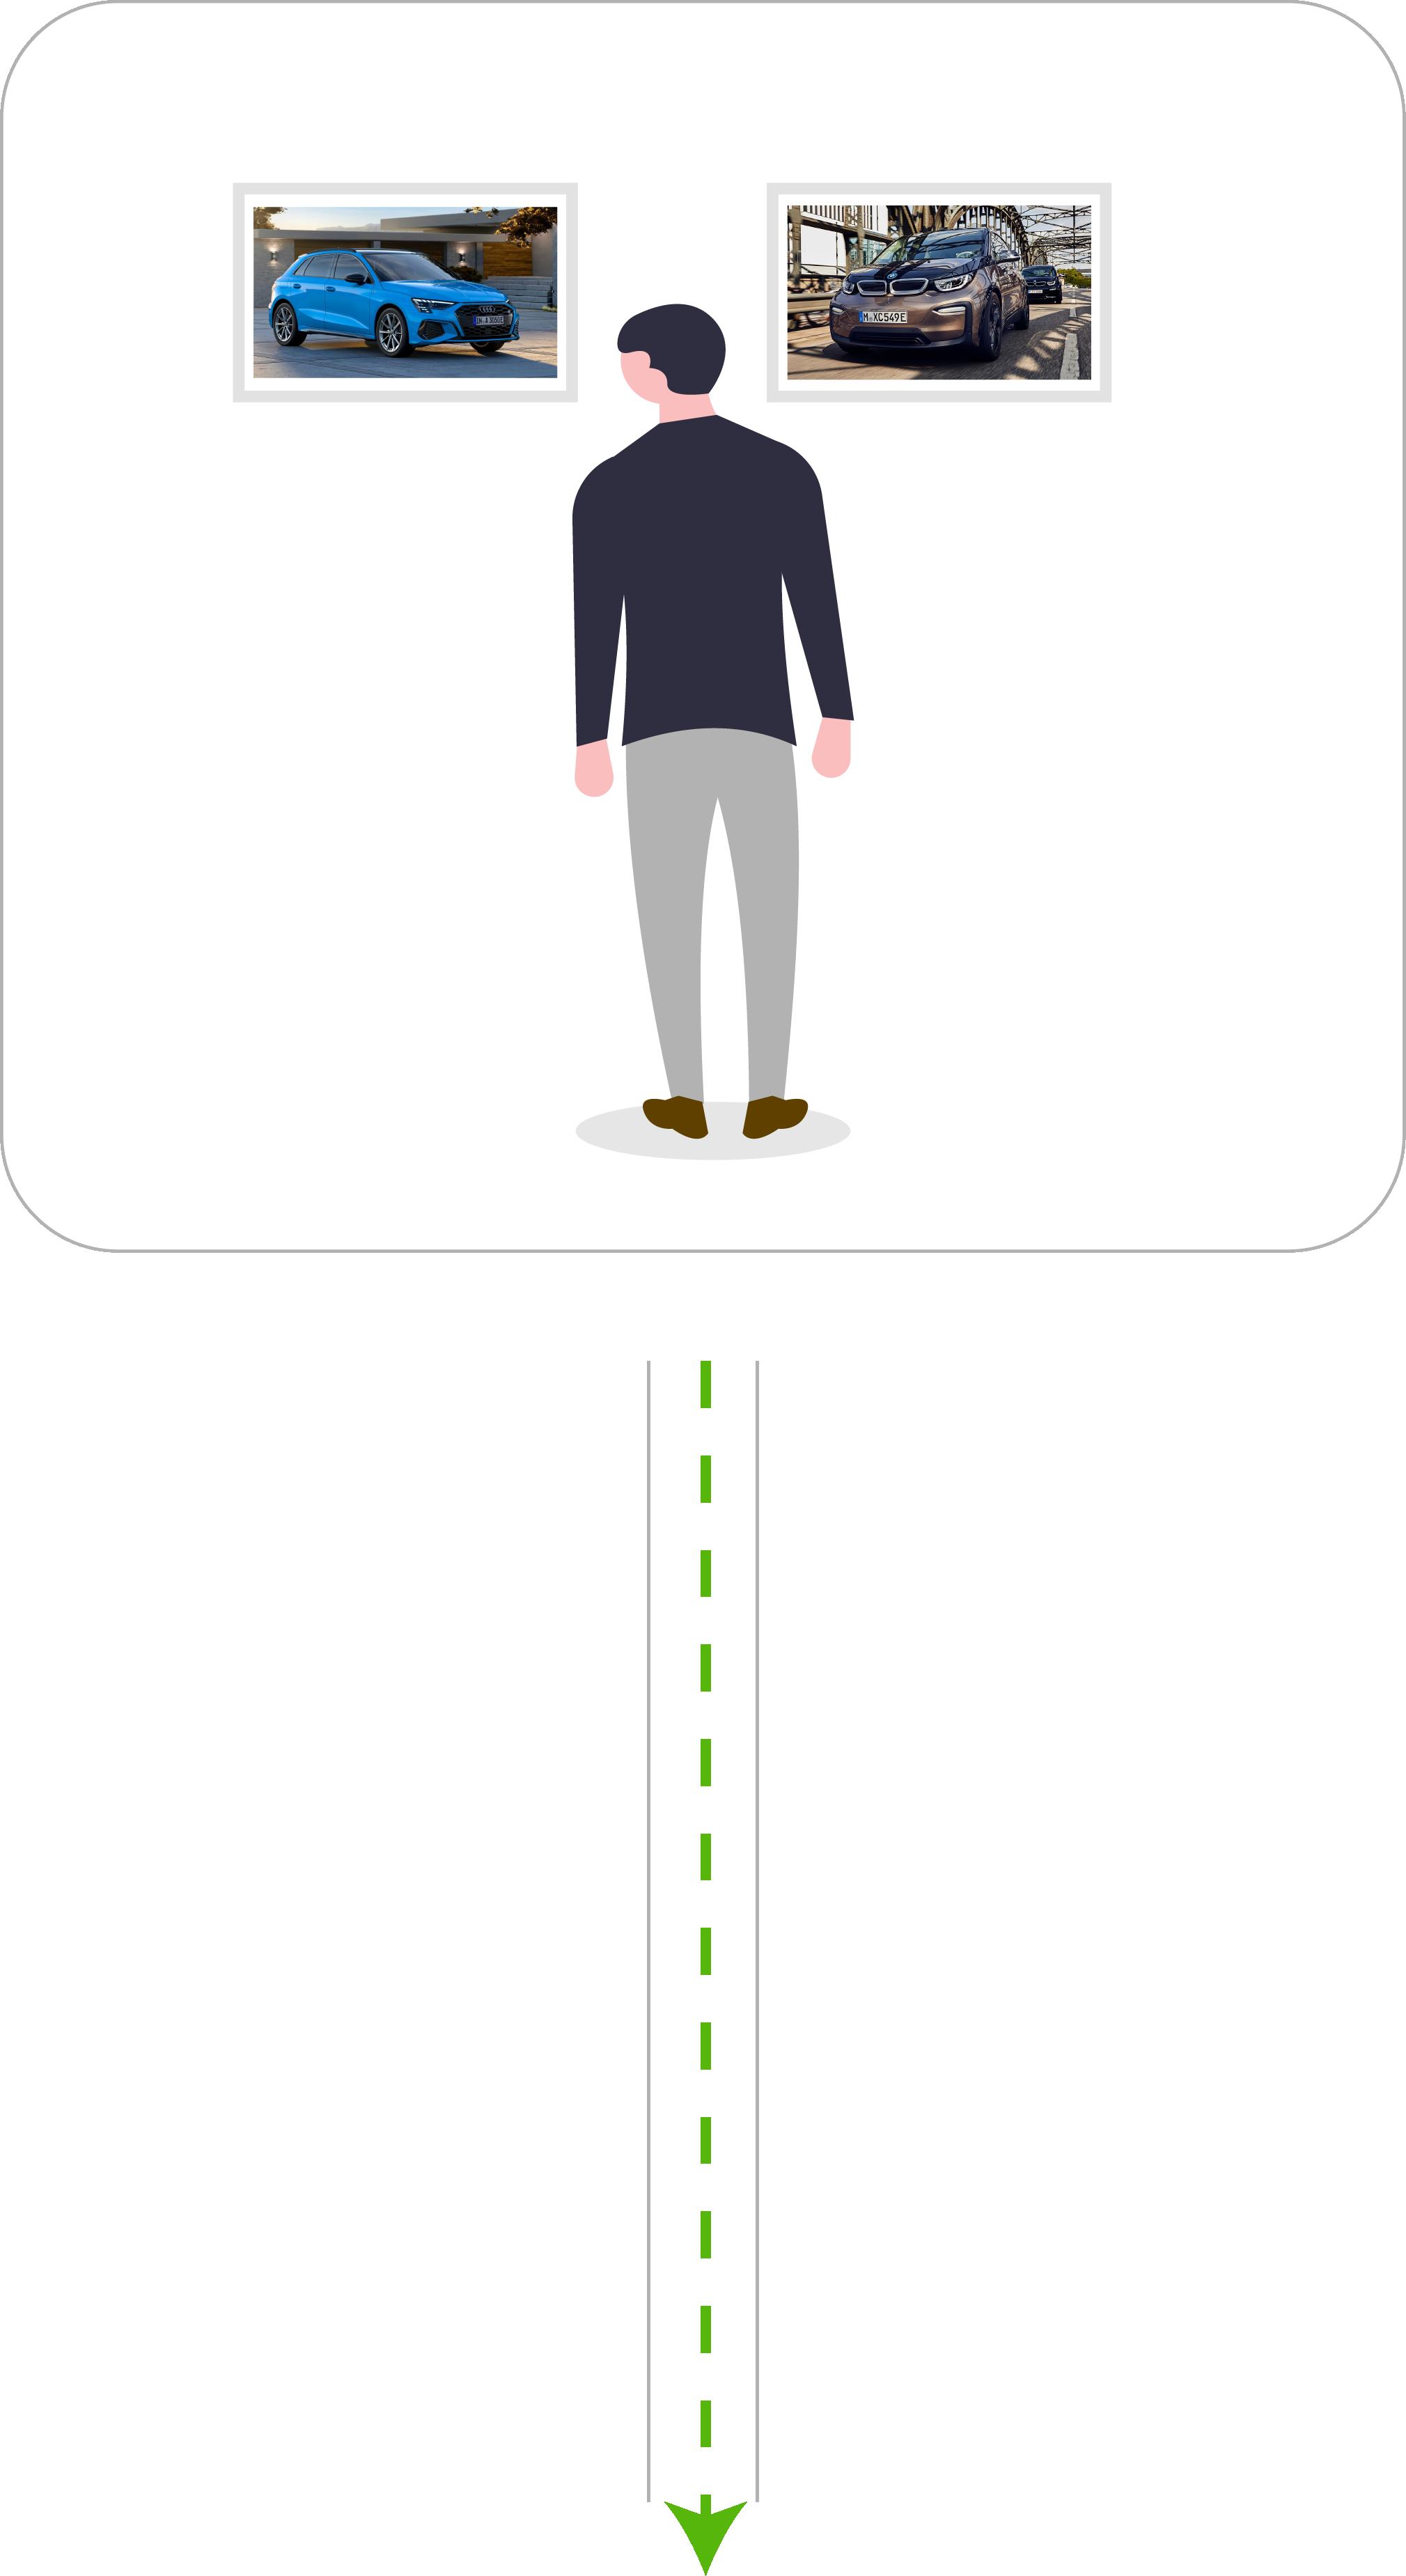 Auswahl E-Dienstwagen